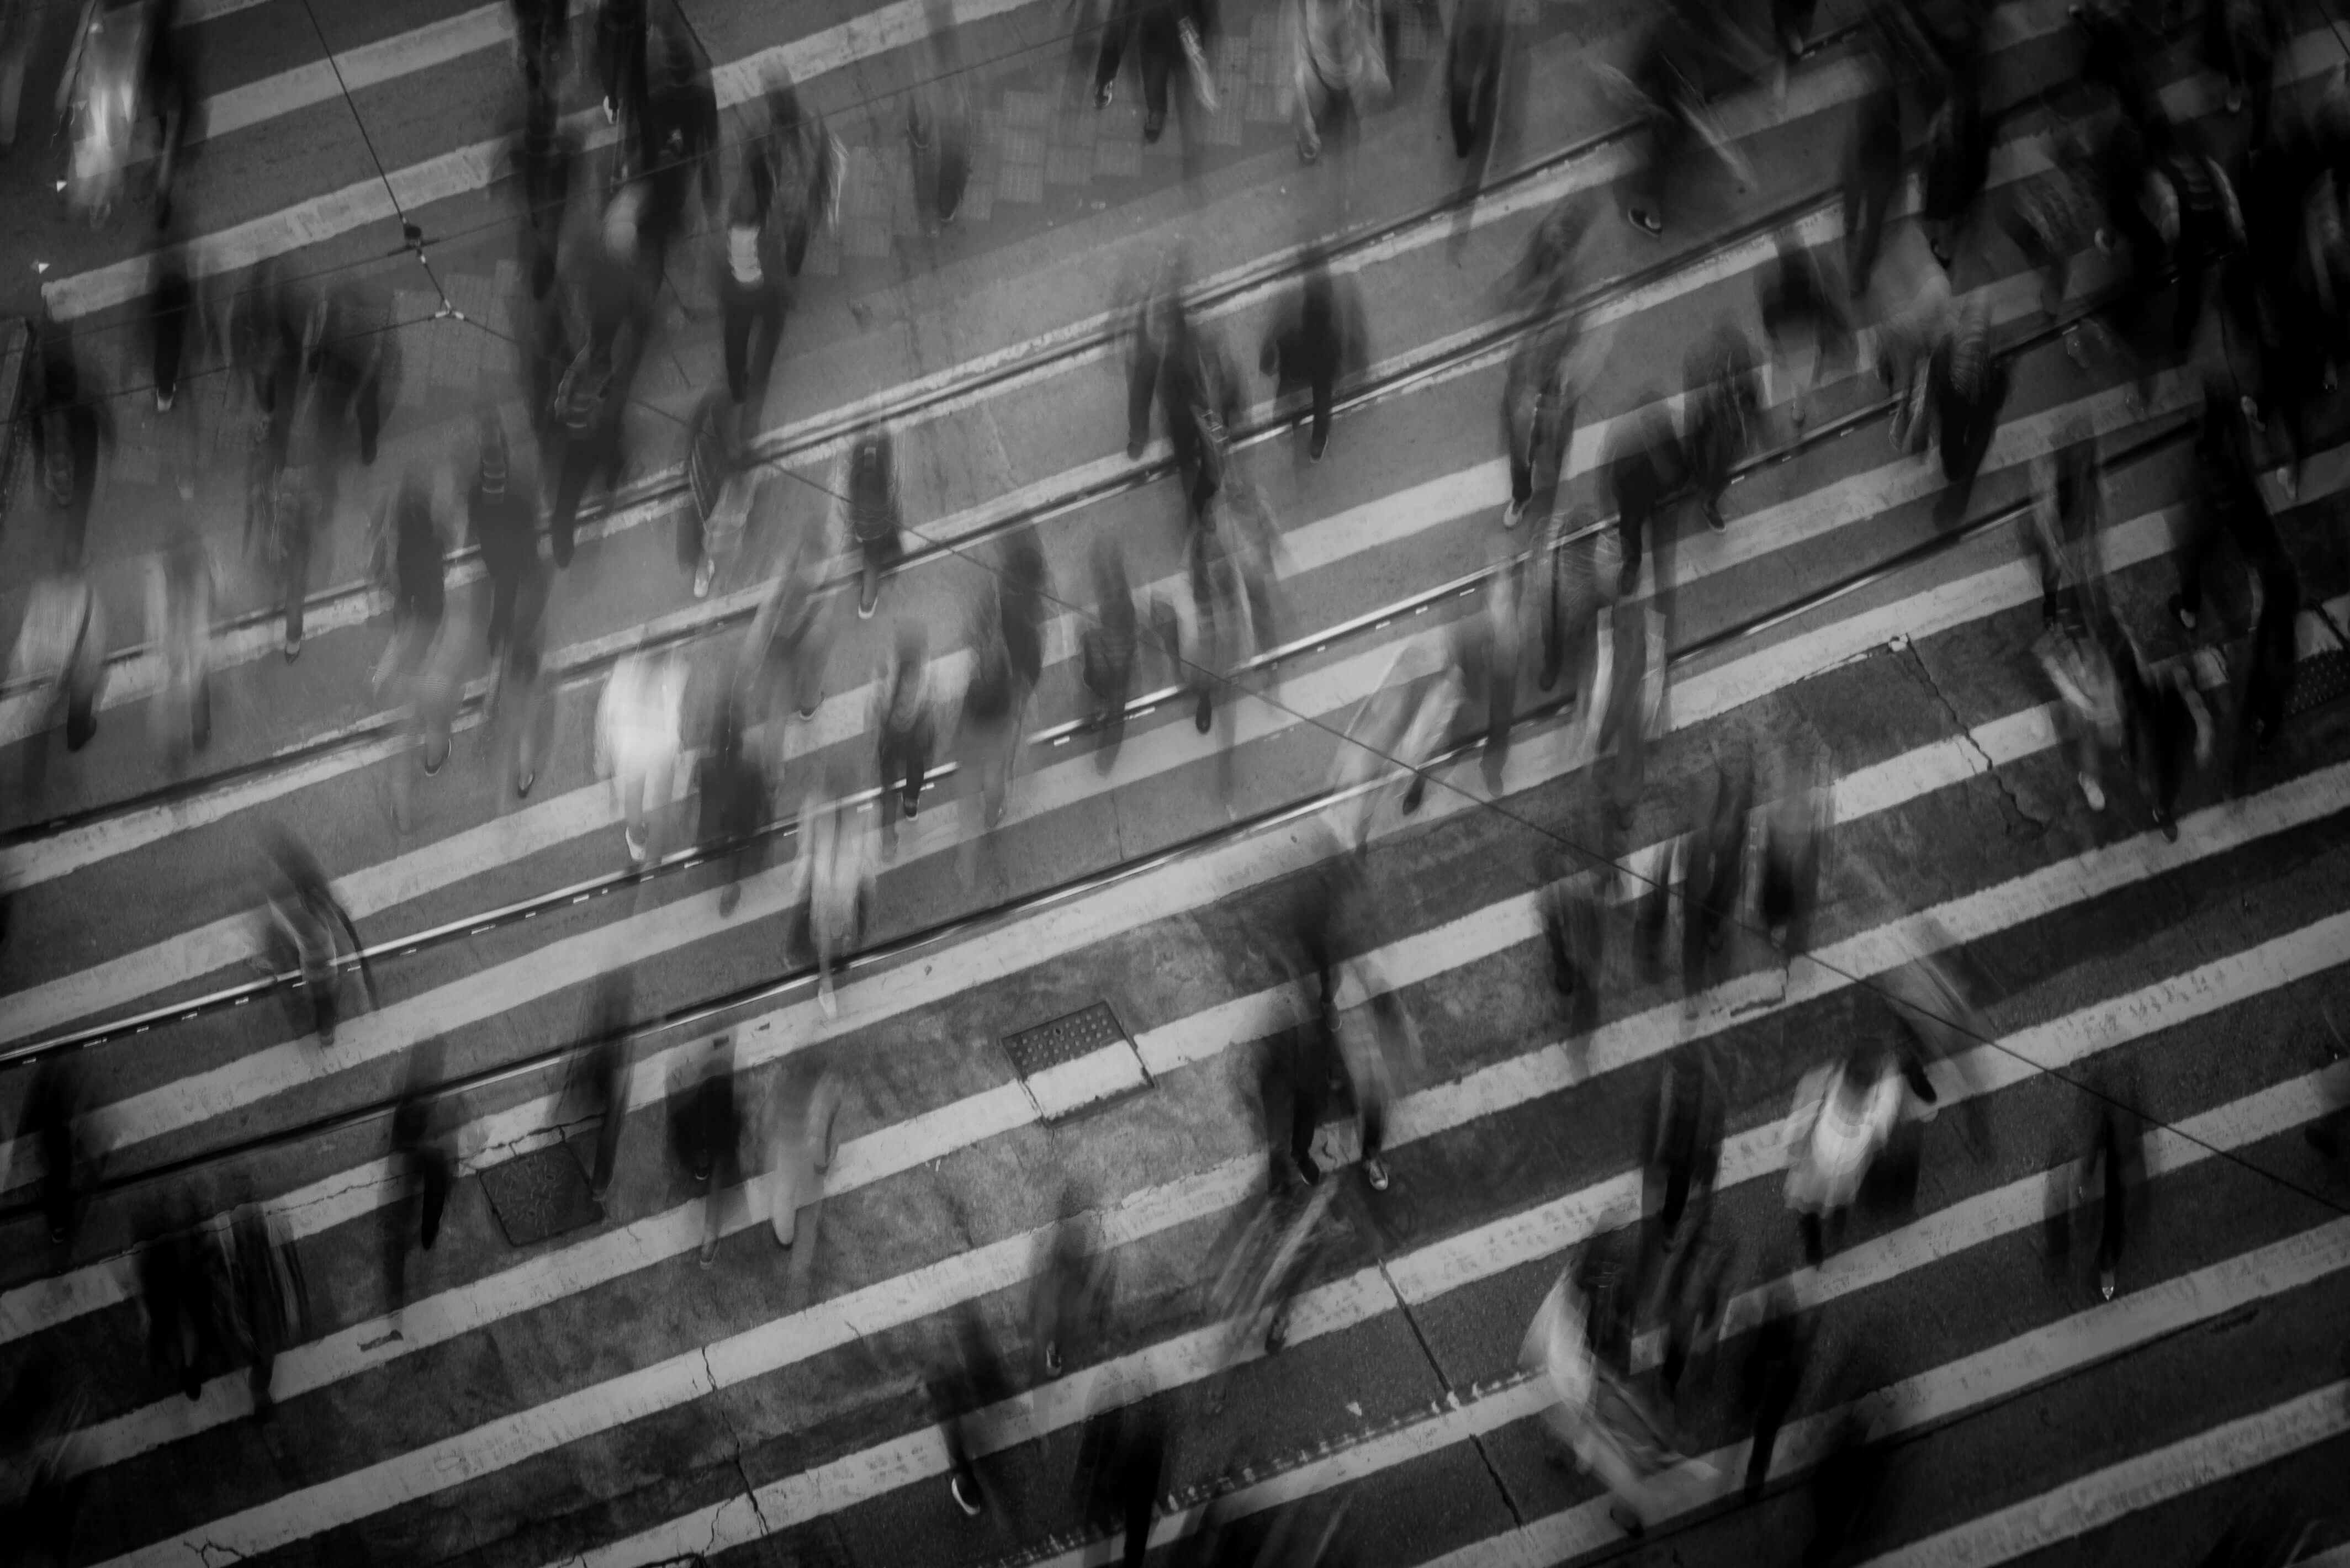 motion blur of people walking on pedestrian lane